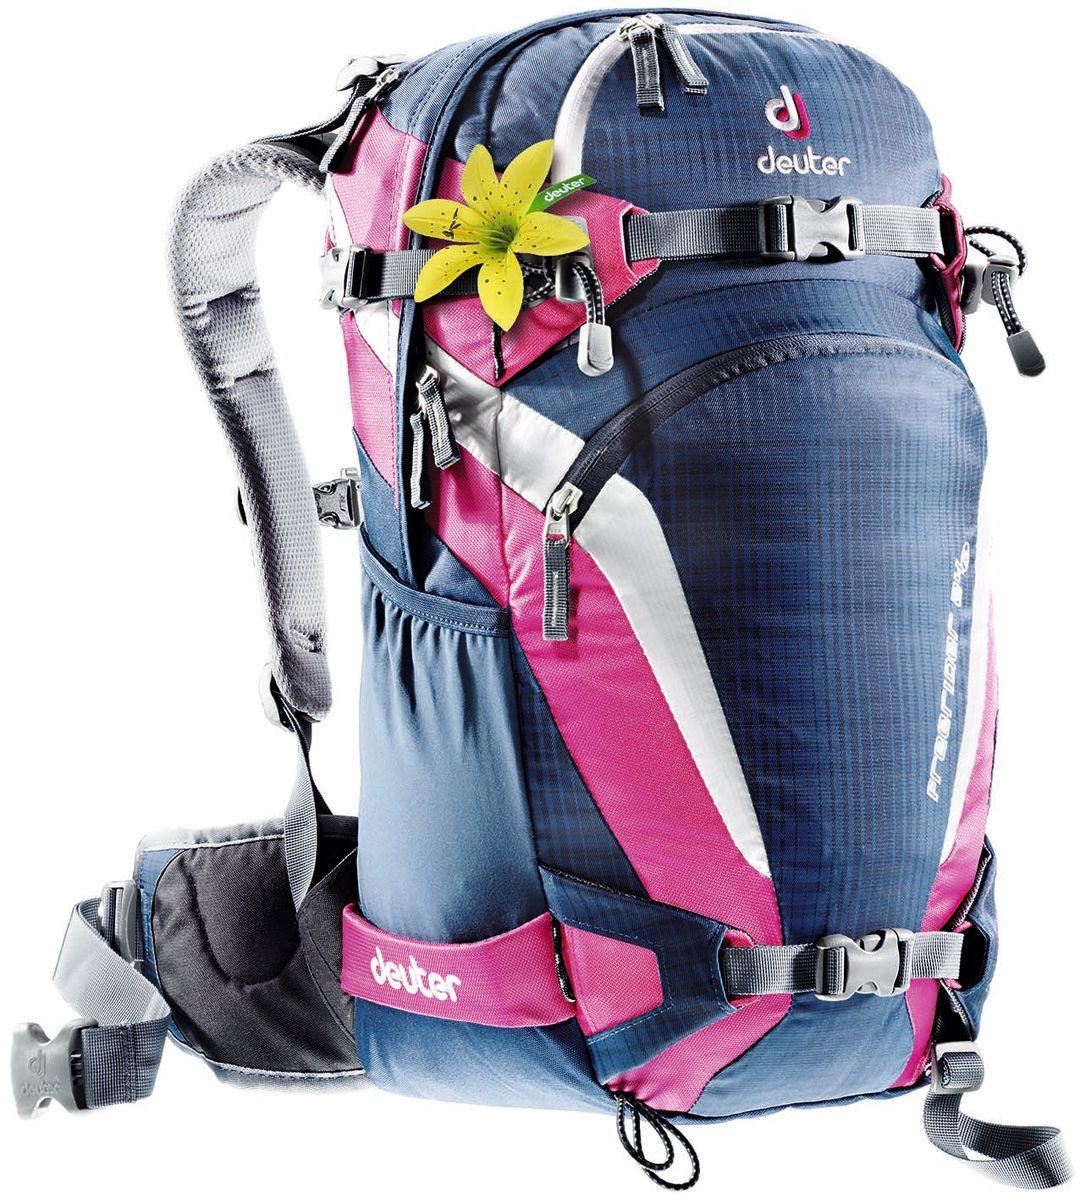 Рюкзак спортивный женский Deuter Freerider, цвет: синий, фуксия, 24 л95767-962-00Новый Freerider для райдеров, которые хотят иметь рюкзак на все случаи жизни для катания в сноупарке, по трассам и вне трасс.Загруженный, он удобно сидит на спине, обеспечивает легкий доступ к лавинному снаряжению.Характеристики:- удобные, гибкие неопреновые крылья пояса могут быть убраны в городе; - прямой доступ к основному отделению; - большое отделение для лавинной лопаты на фронтальной части; - отделение для лавинного зонда; - 3 кармана на молнии внутри и 1 карман на молнии в верхней части; - съемная неопреновая сидушка внутри; - отделение для мокрых вещей; - компрессионные ремни сбоку; - две петли для ледоруба, которые могут быть убраны; - сноуборд и снегоступы могут быть прикреплены в вертикальном положении; - лыжи можно переносит с креплением по центру или по бокам; - SOS лейбл; - эластичные боковые карманы; - совместим с питьевой системой; - свисток на пряжке грудного ремня. Материал: Polytex/Ballistic.Вес: 1250 грамм.Объём 24 литров. Размеры: 52 x 28 x 16 см.